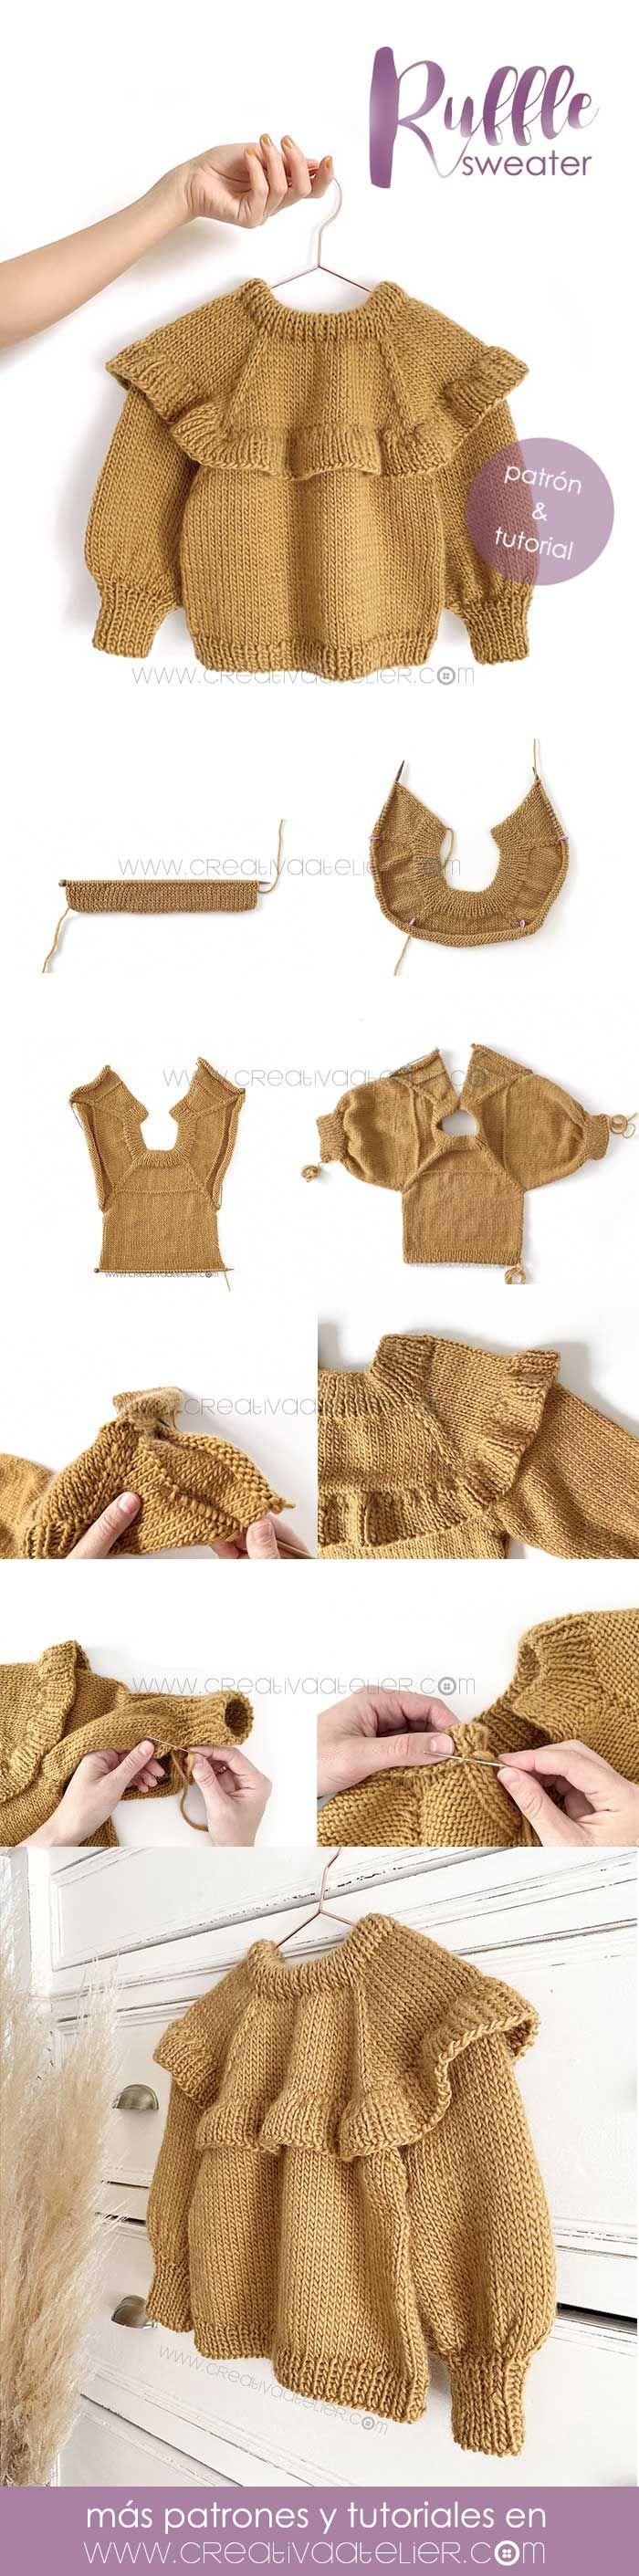 Jersey de Punto con Volante para niña – Ruffle Sweater